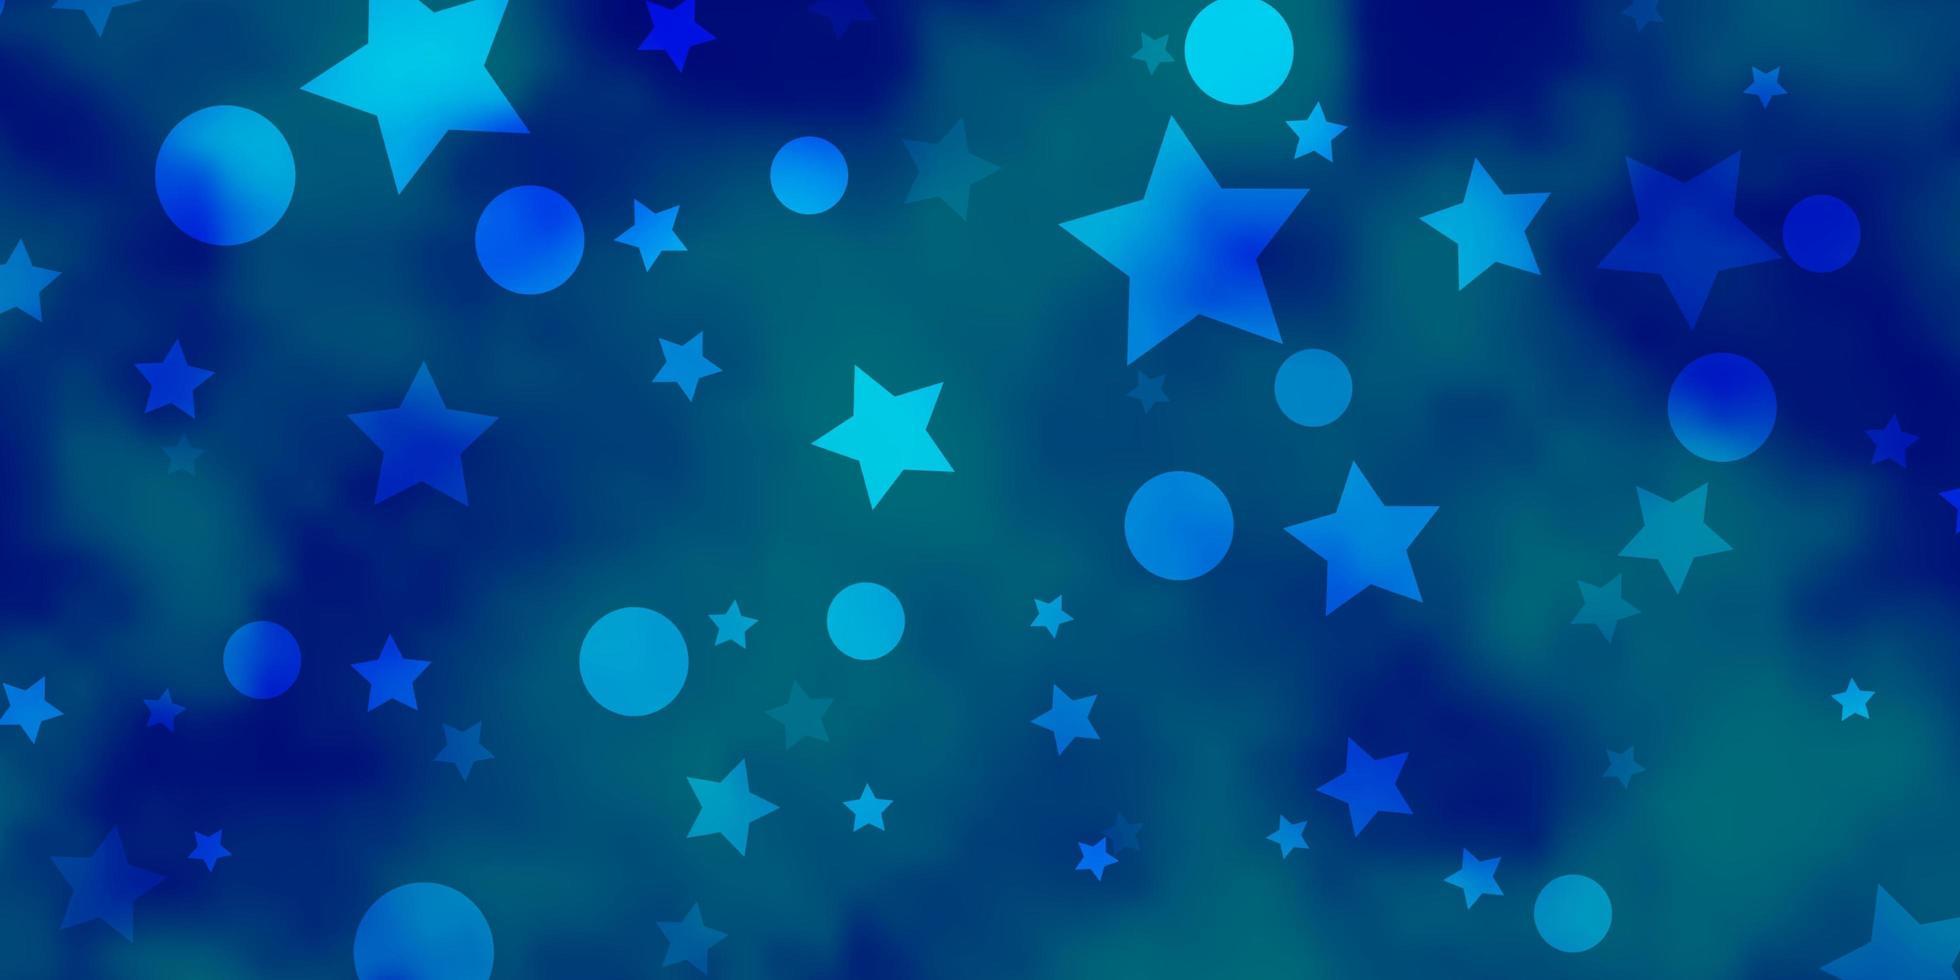 blauw patroon met cirkels, sterren. vector